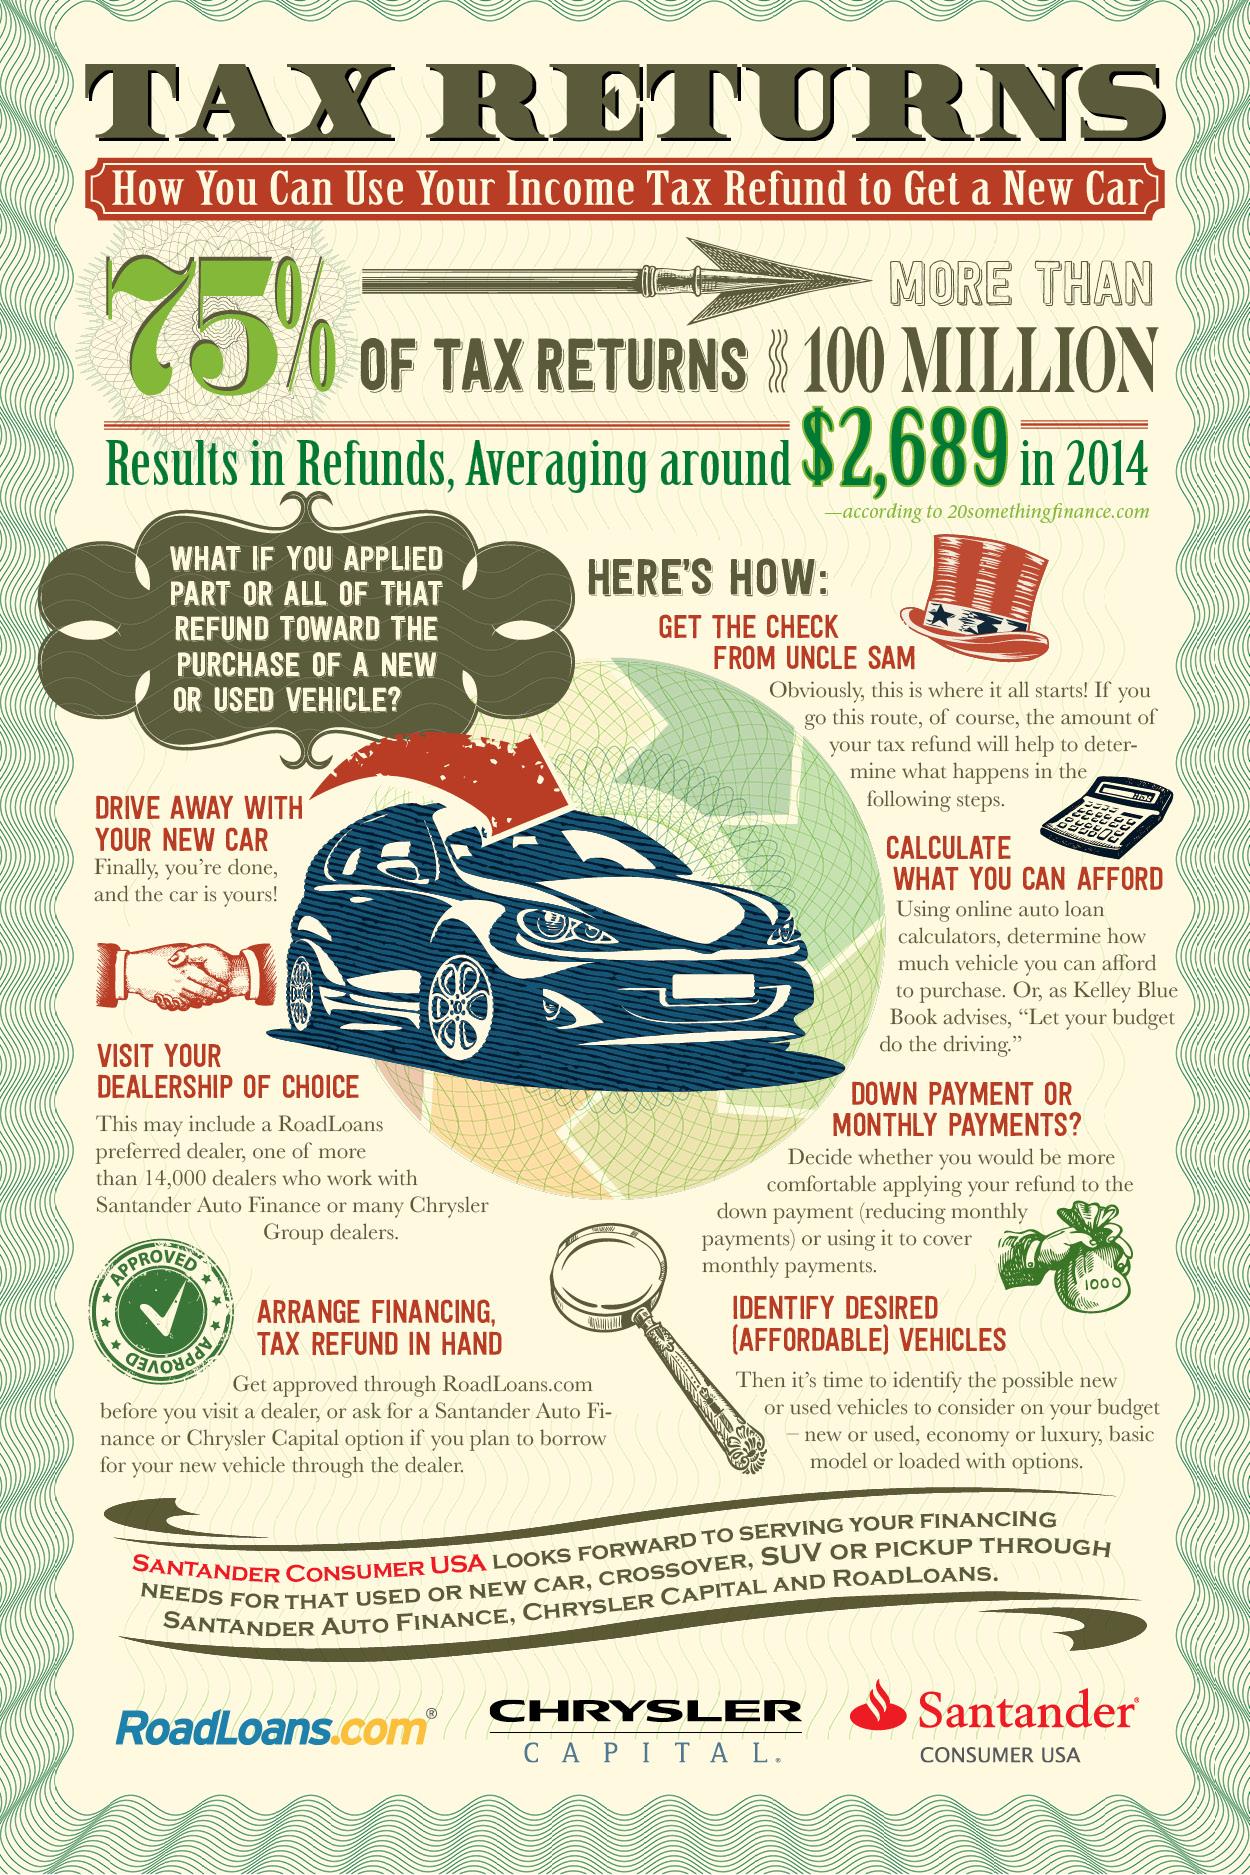 010815 SC Tax refund your key